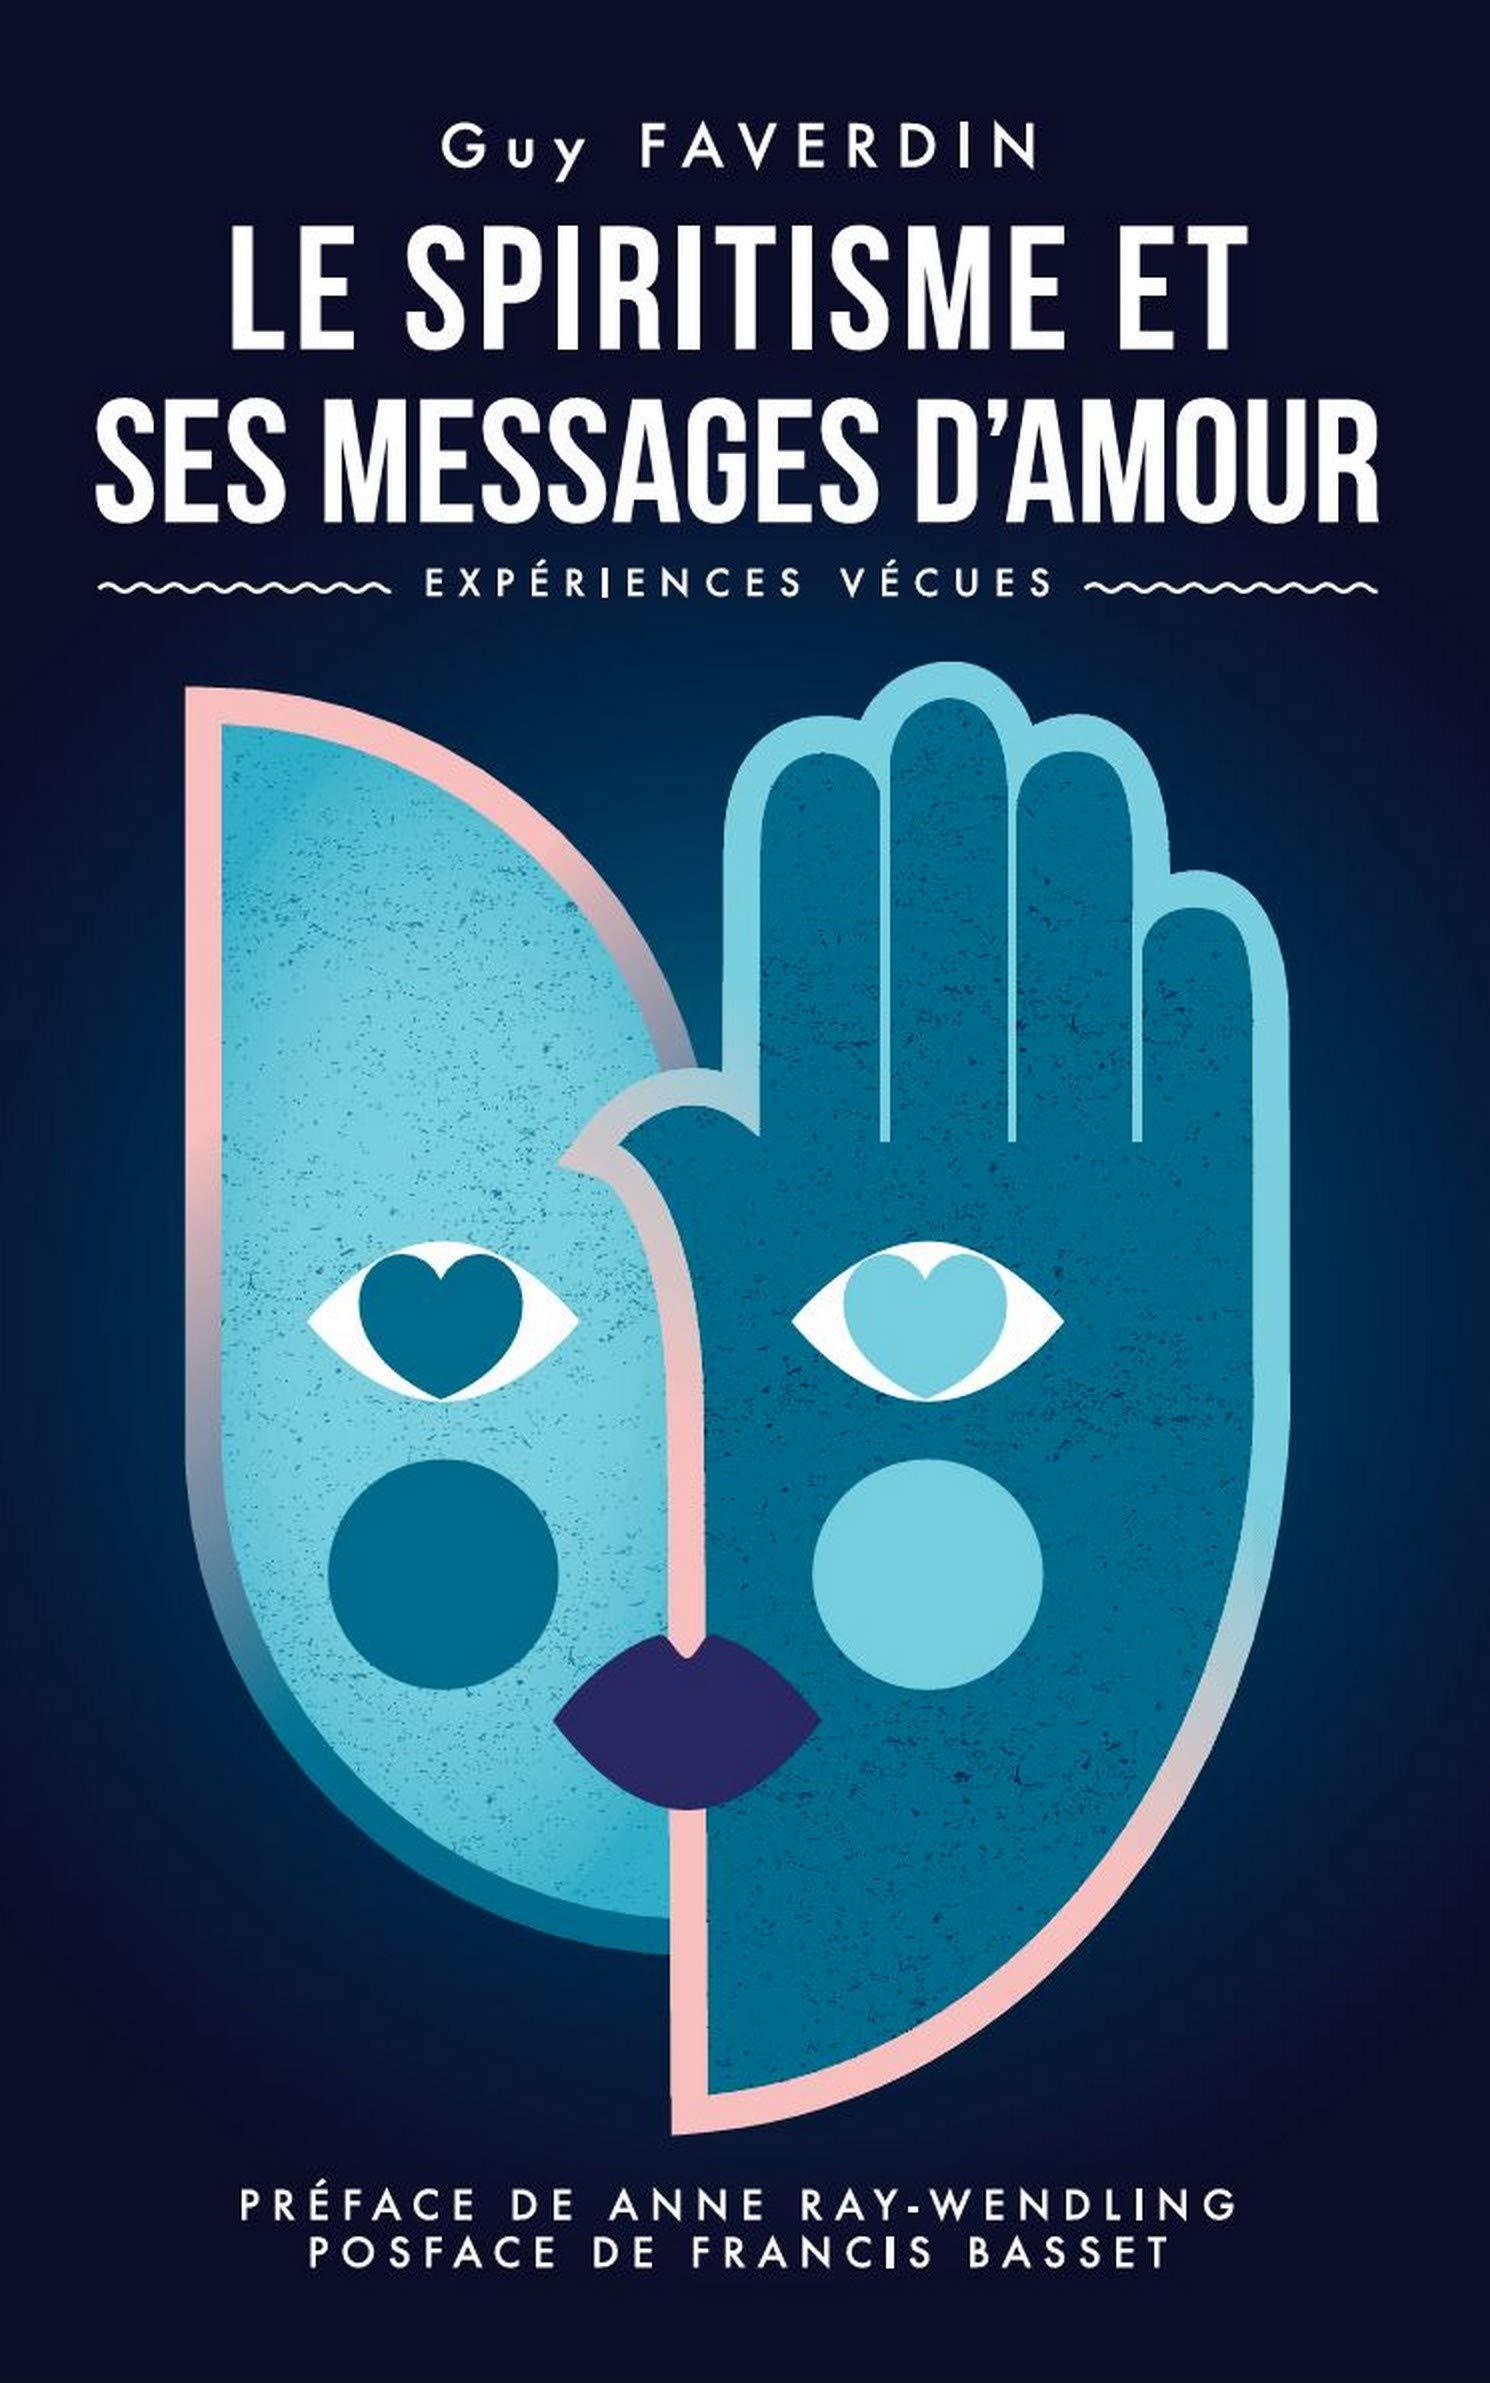 Le spiritisme et ses messages d'amour: Expériences vécues por Guy Faverdin